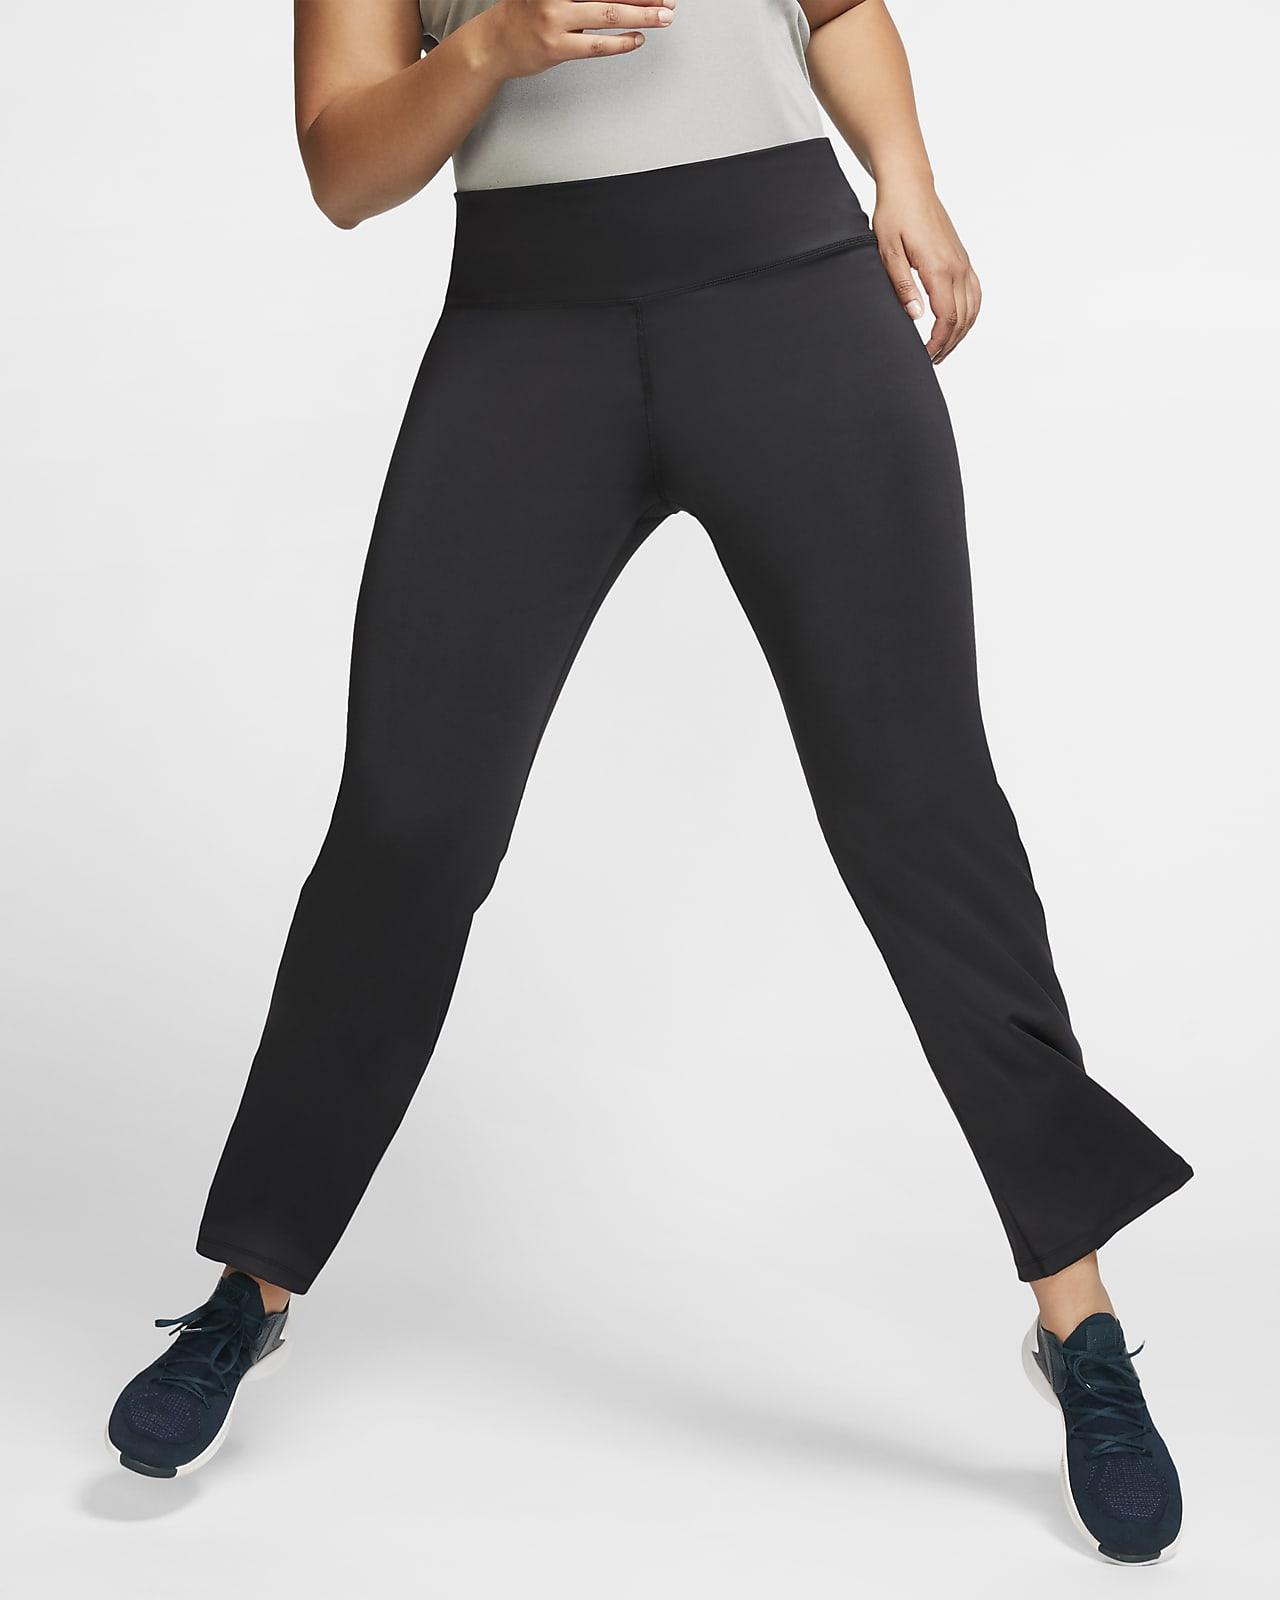 Γυναικείο παντελόνι προπόνησης Nike Power (μεγάλα μεγέθη)